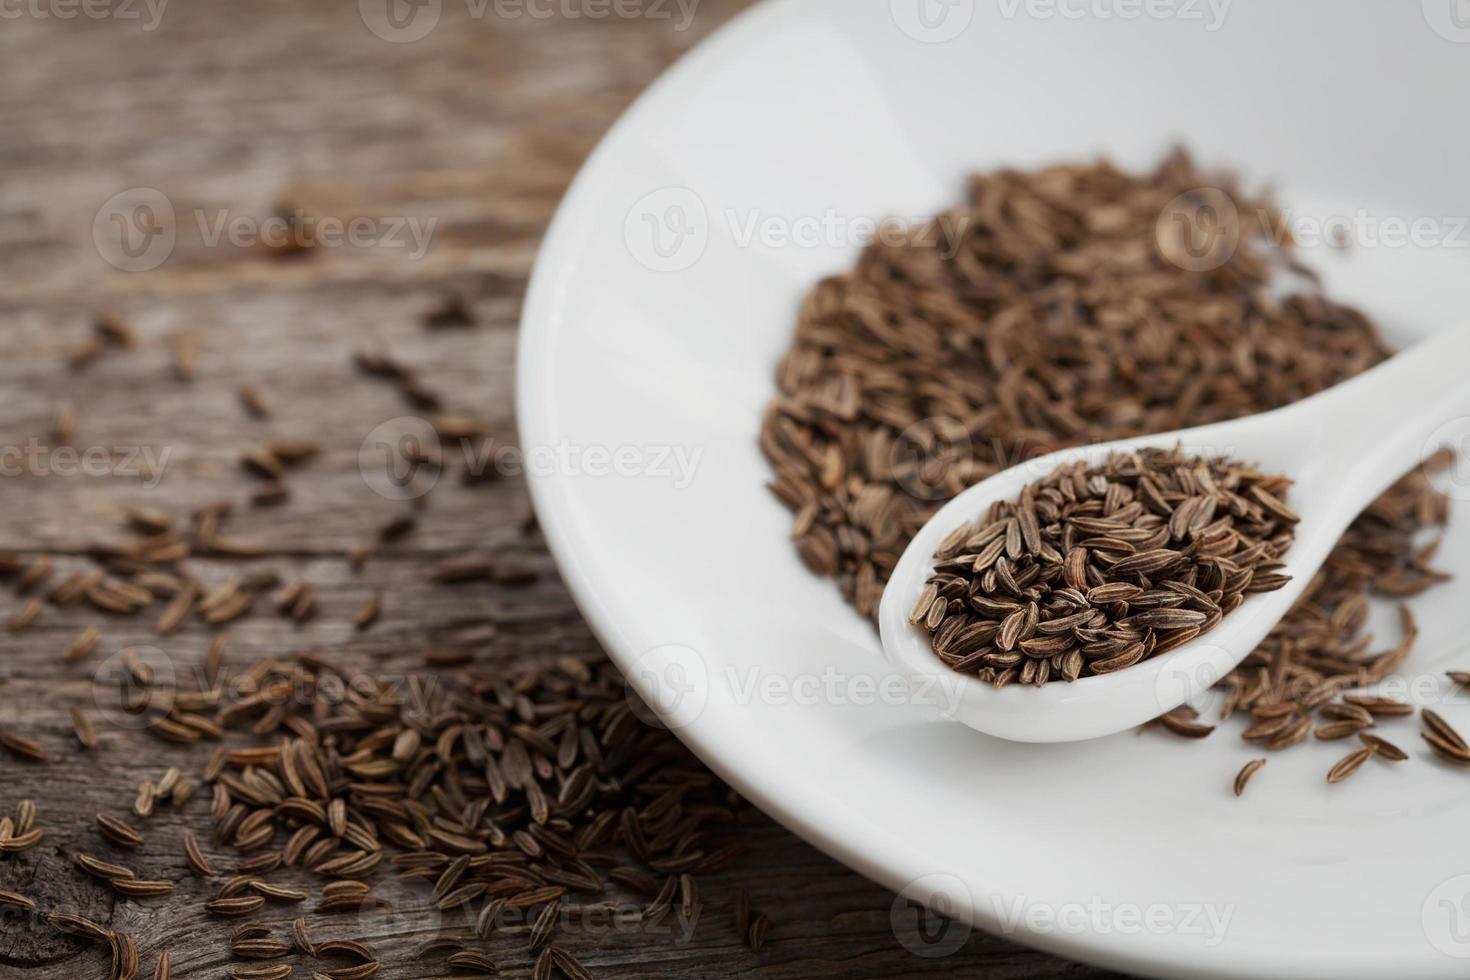 sementes de cominho ou cominho na placa de madeira foto